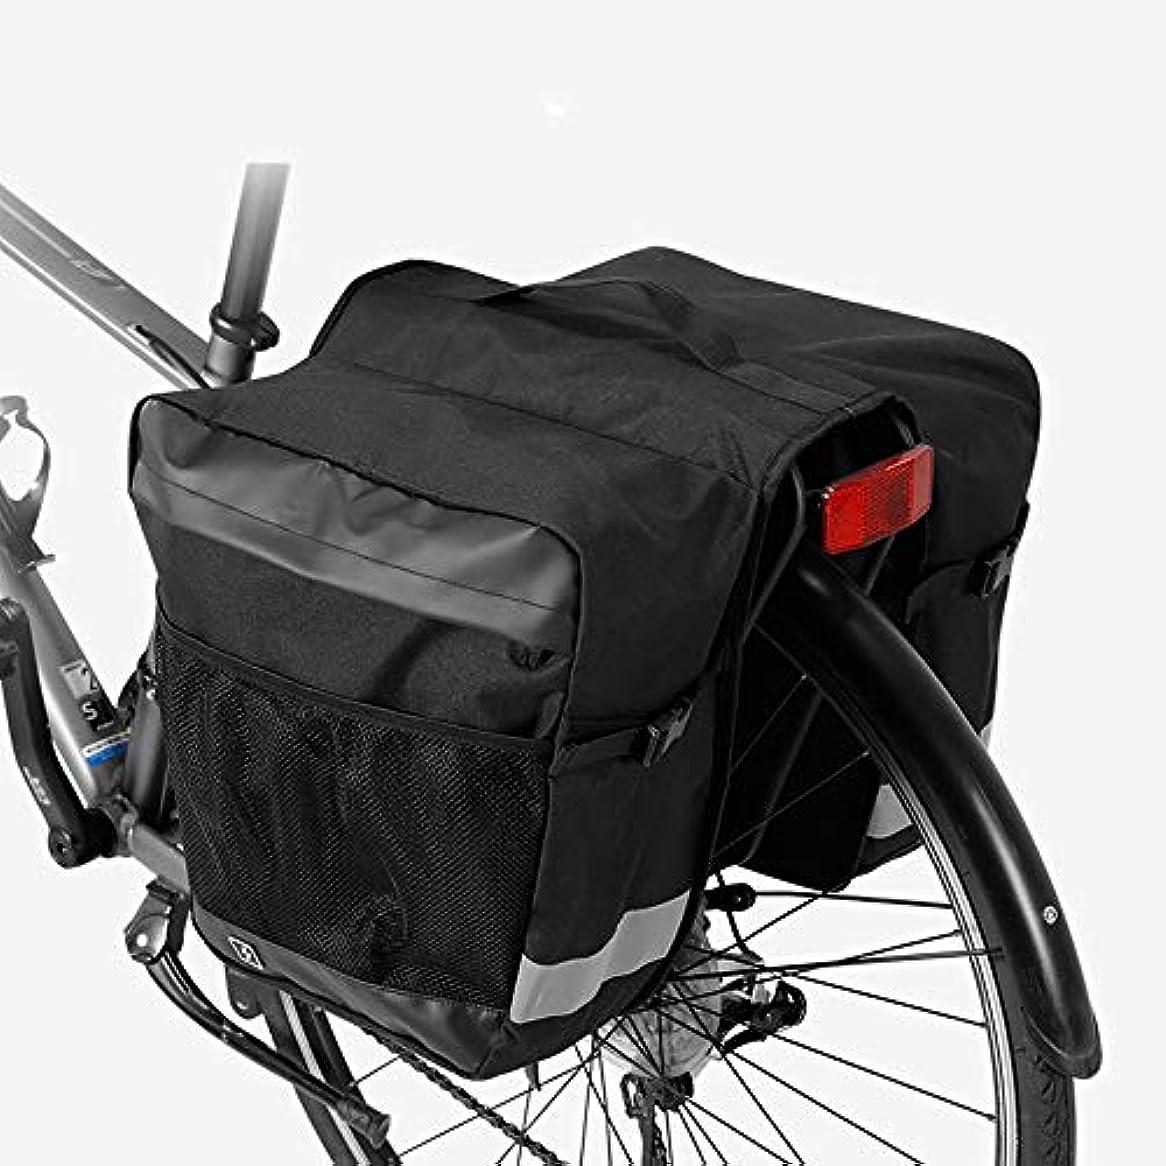 上回る残基深遠自転車パニエバッグ自転車リヤシートリフレクティブトリム&ラージポケット自転車トランクバッグレインカバー付きショルダーストラップバイクパニエバイクサドルバッグ サイクリングバッグ防水